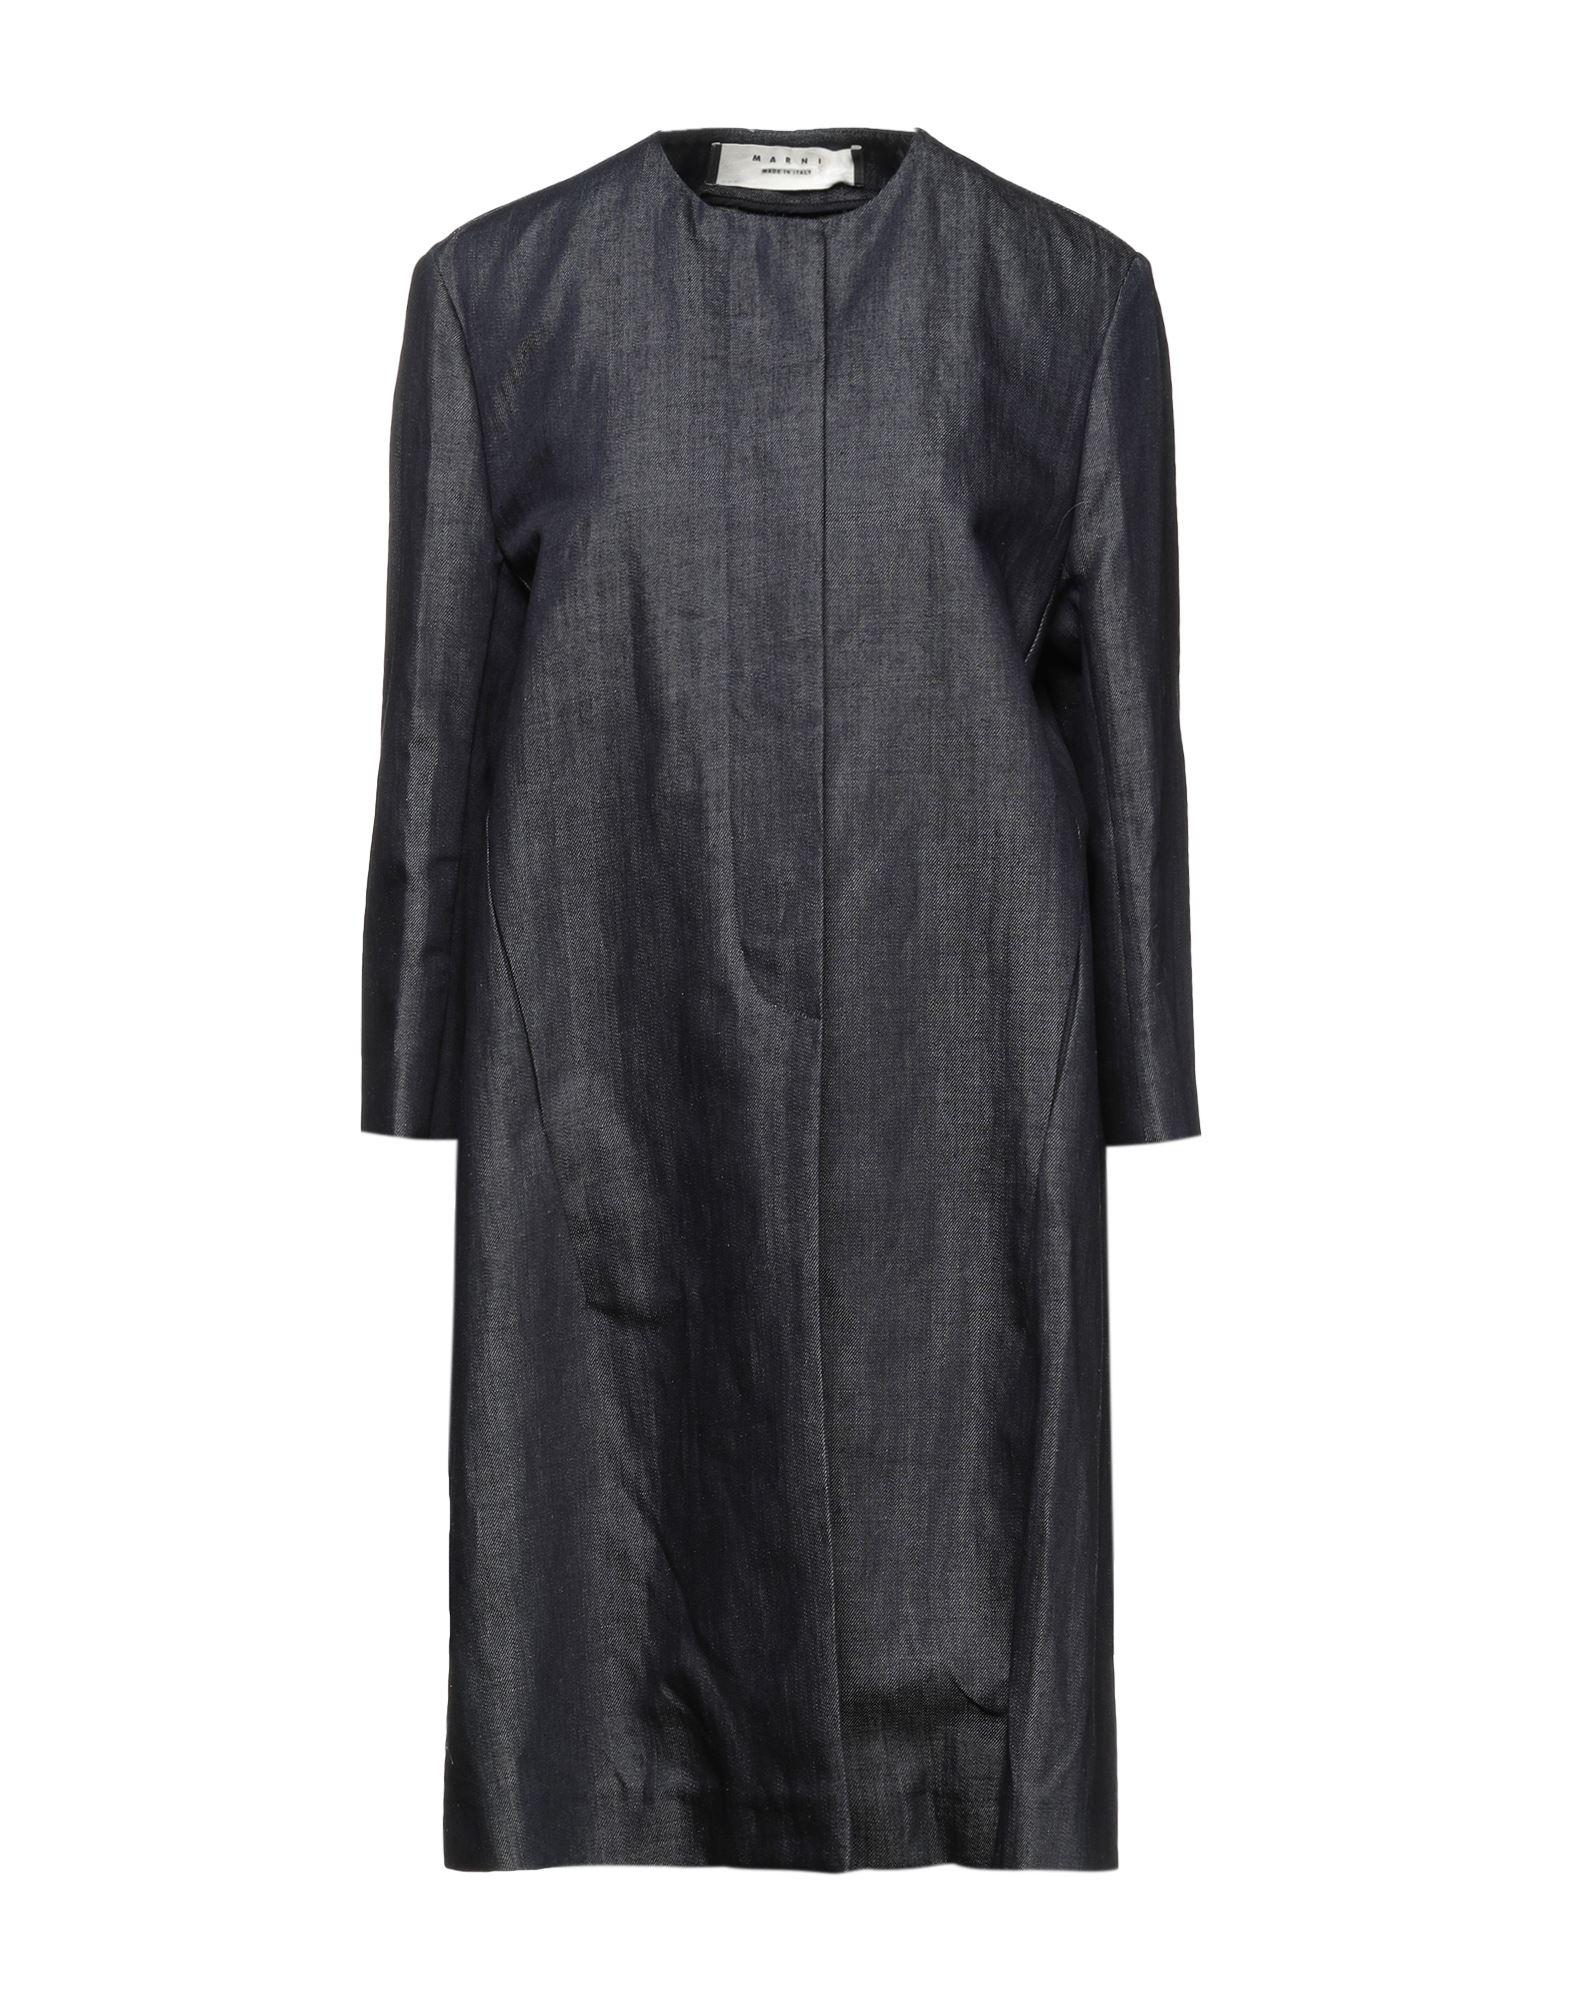 Giubbotto Jeans Marni Donna - Acquista online su vTvS7T